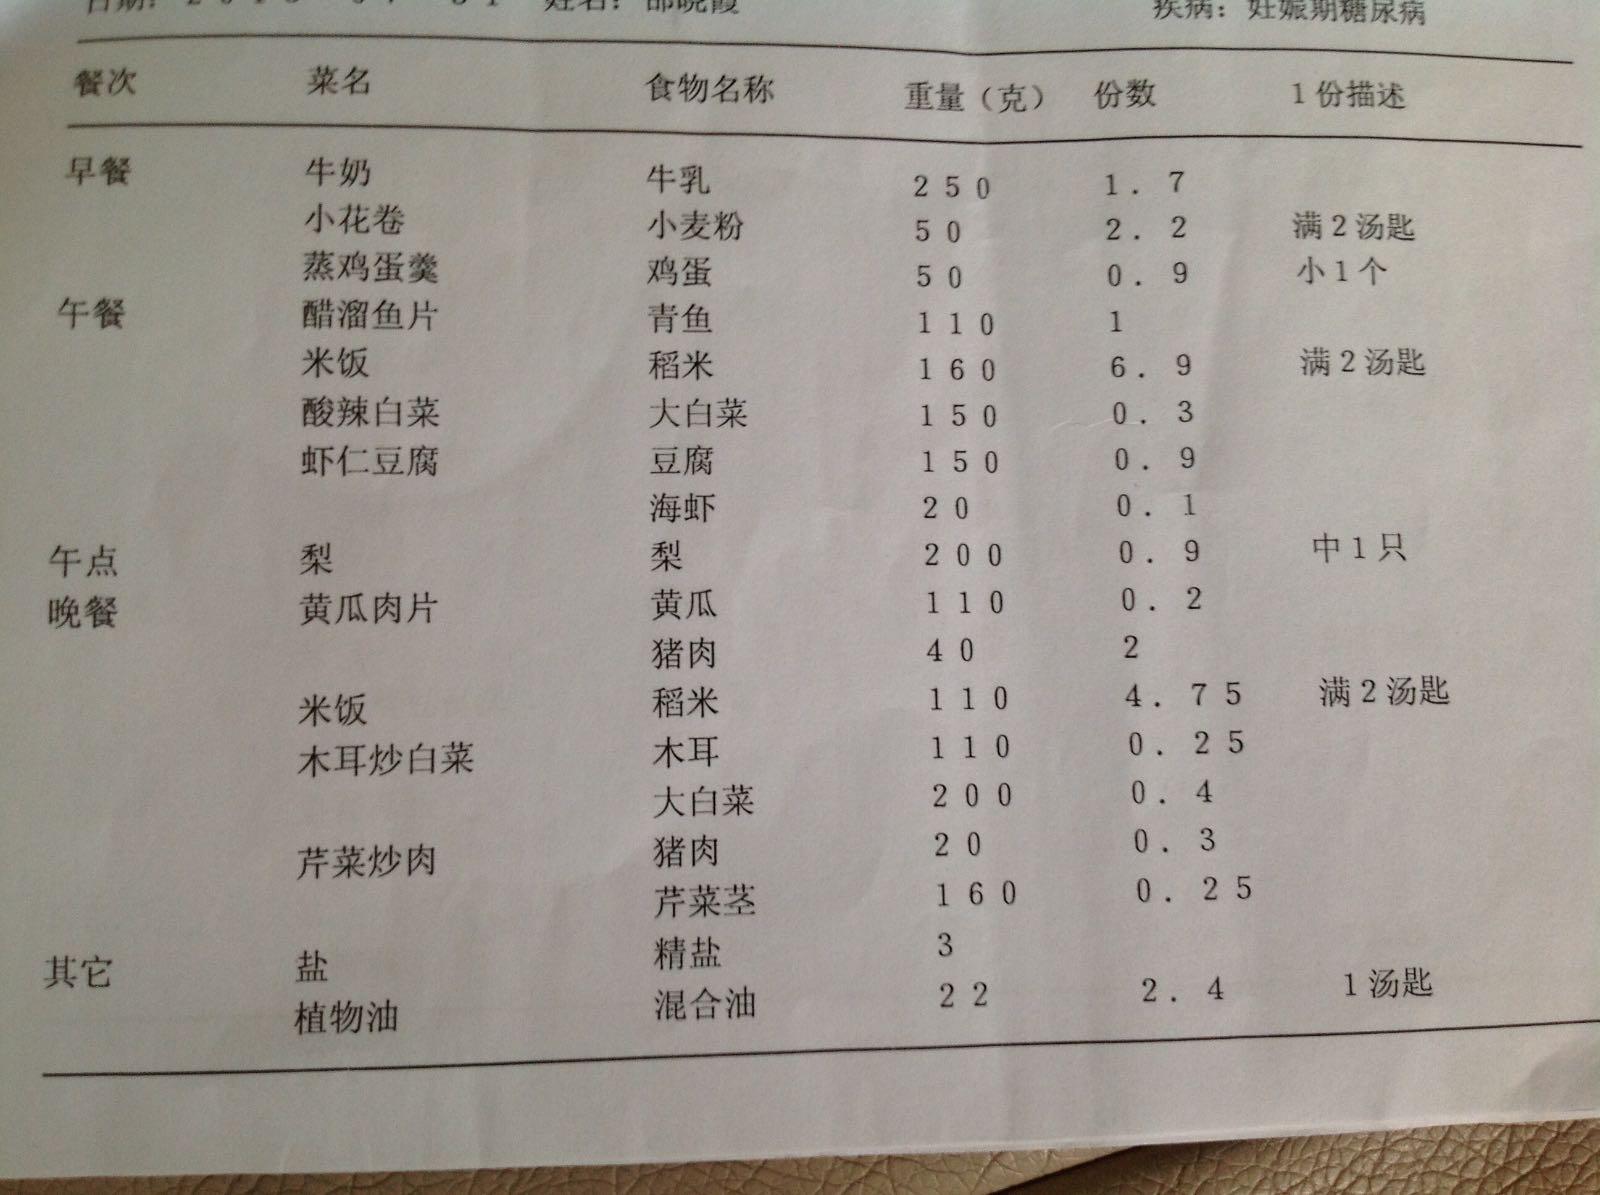 应孕妇们分享要求妈妈给我开的孕期糖尿病医生食谱饮食节气24食谱图片